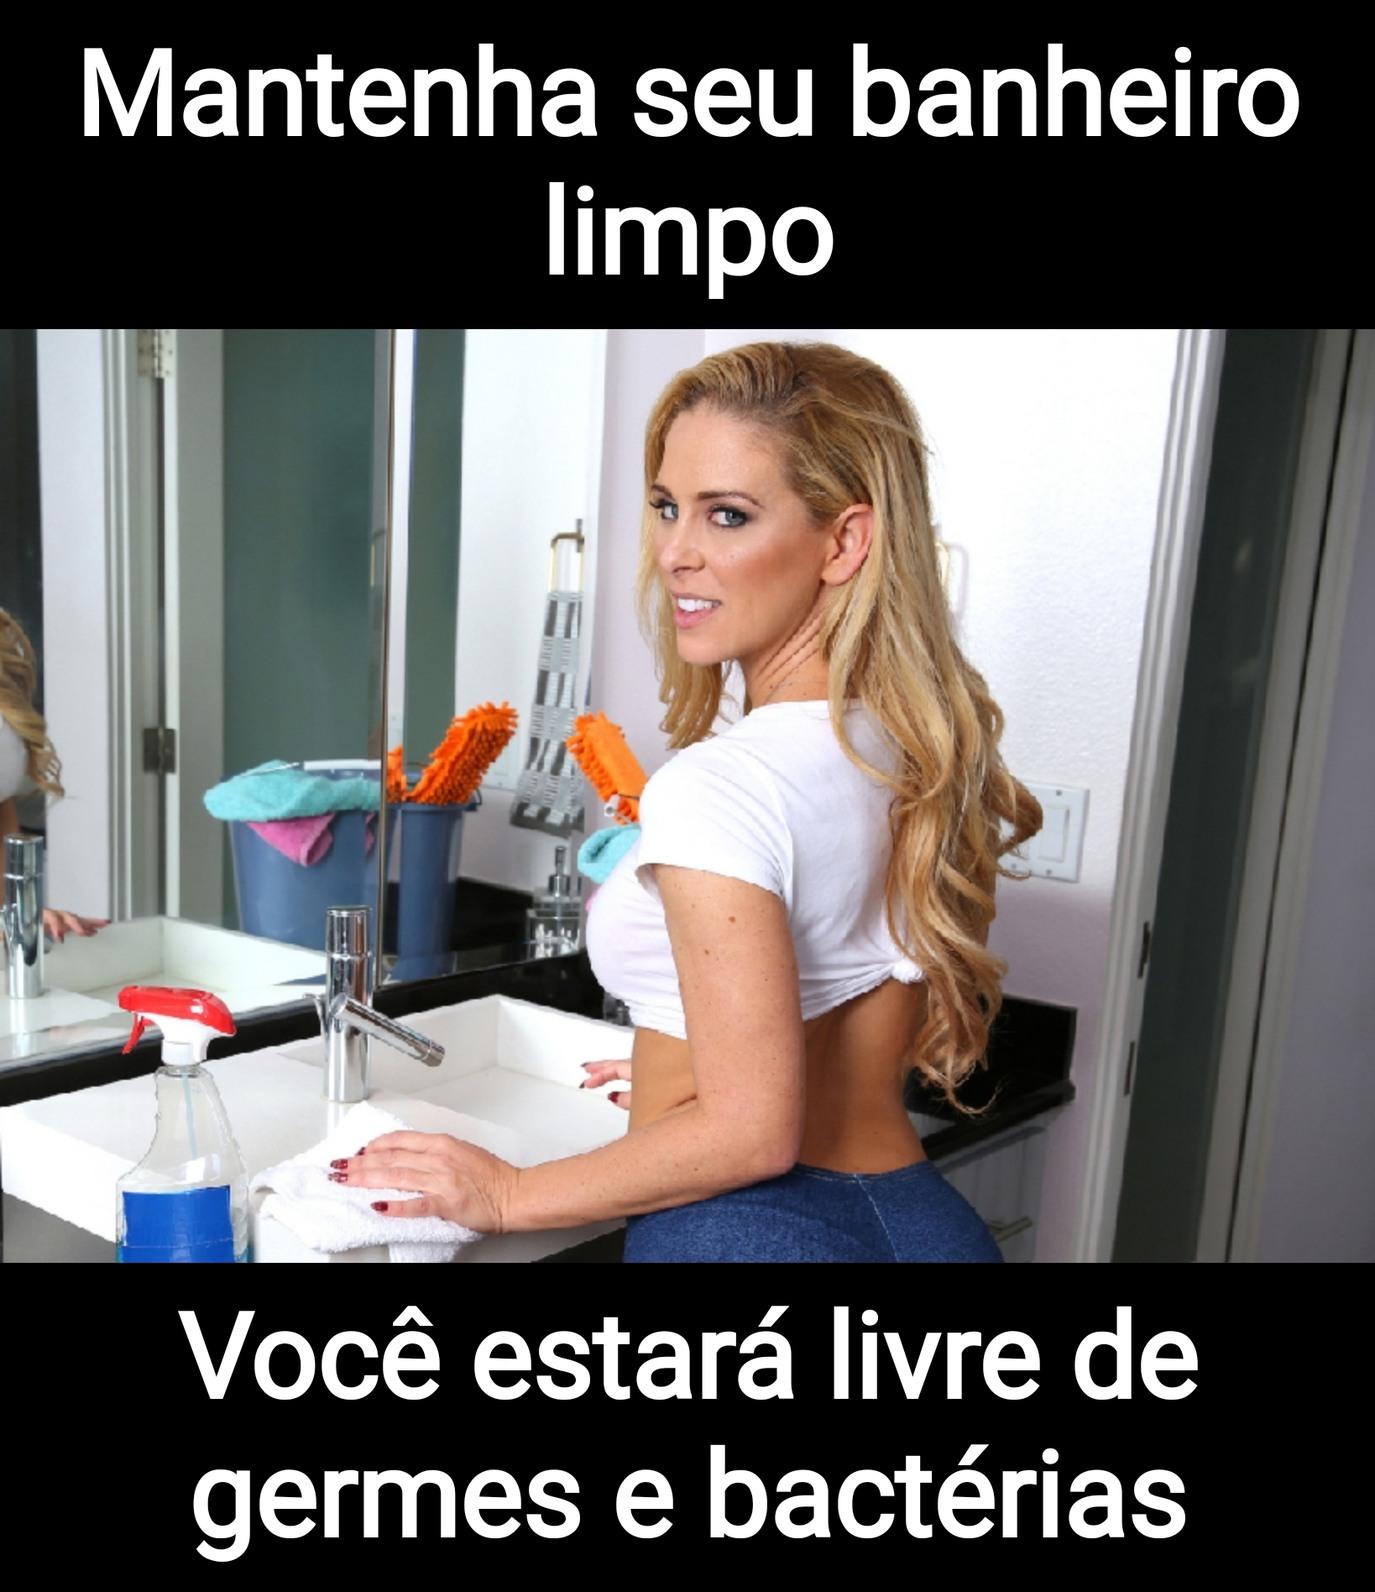 Não esqueça de manter seu banheiro limpo, assim as bactérias não vai fuder com vc - meme